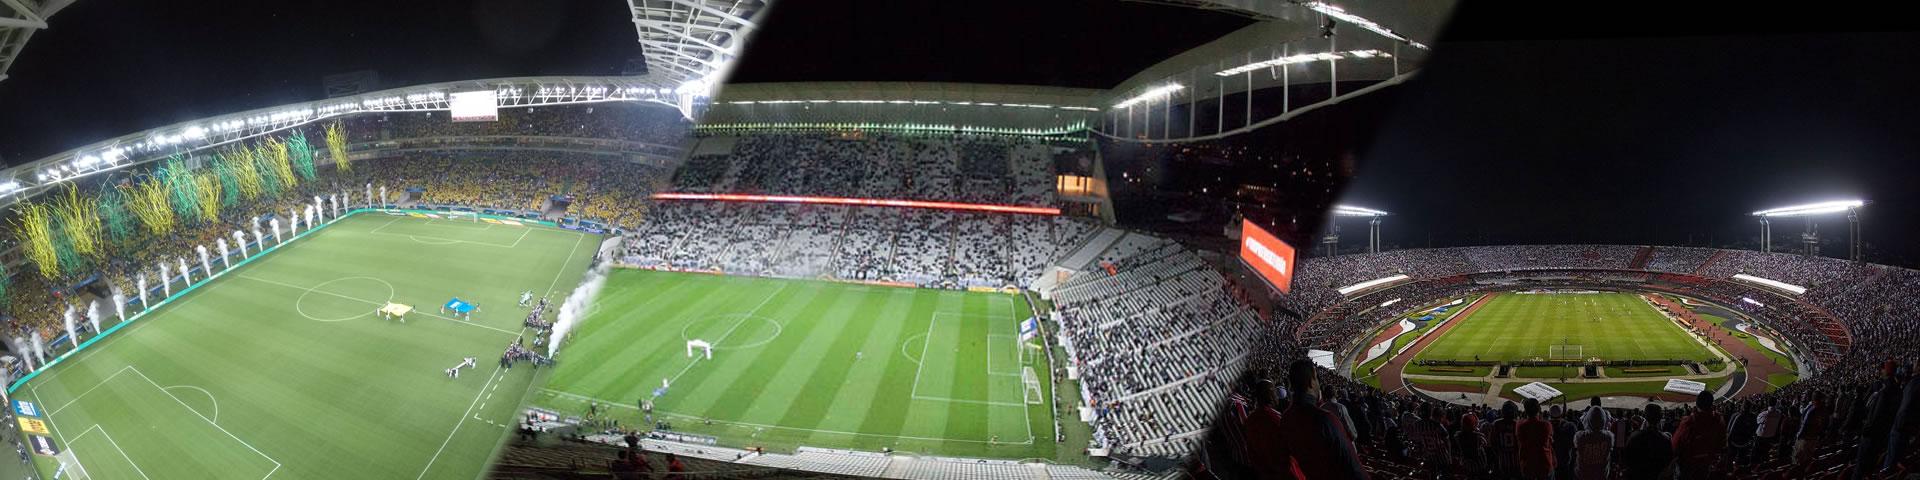 Arenas e Estadios